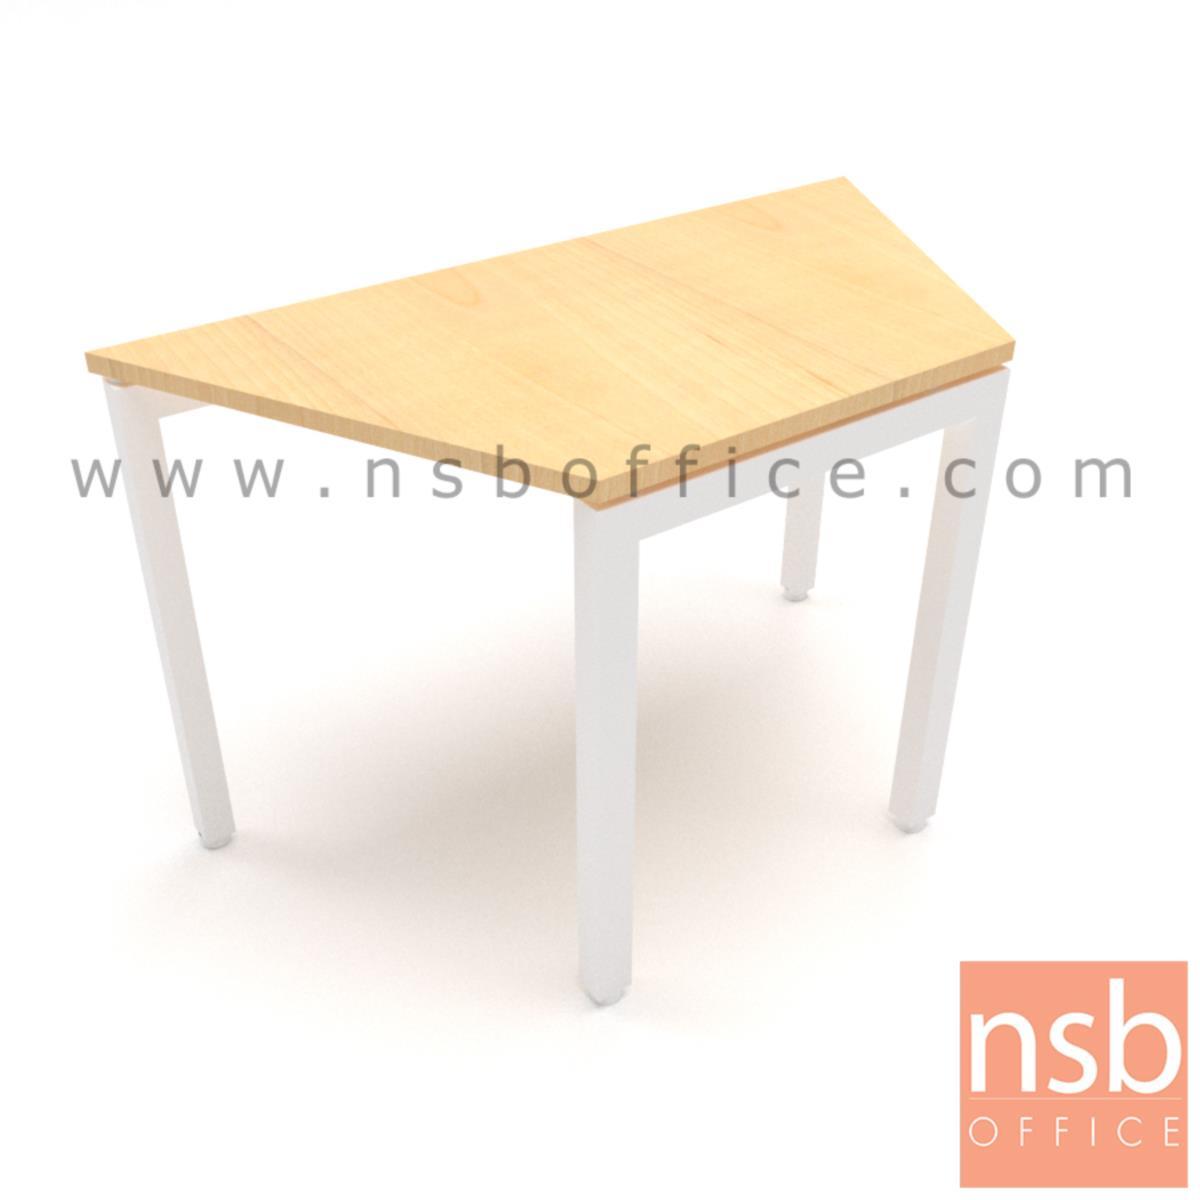 โต๊ะทำงานทรงคางหมูไม่มีล้อ รุ่น Pomelo (โพเมโล่) ขนาด 105W ,120W ,140W ,180W cm.  โครงขาเหล็กเหลี่ยม